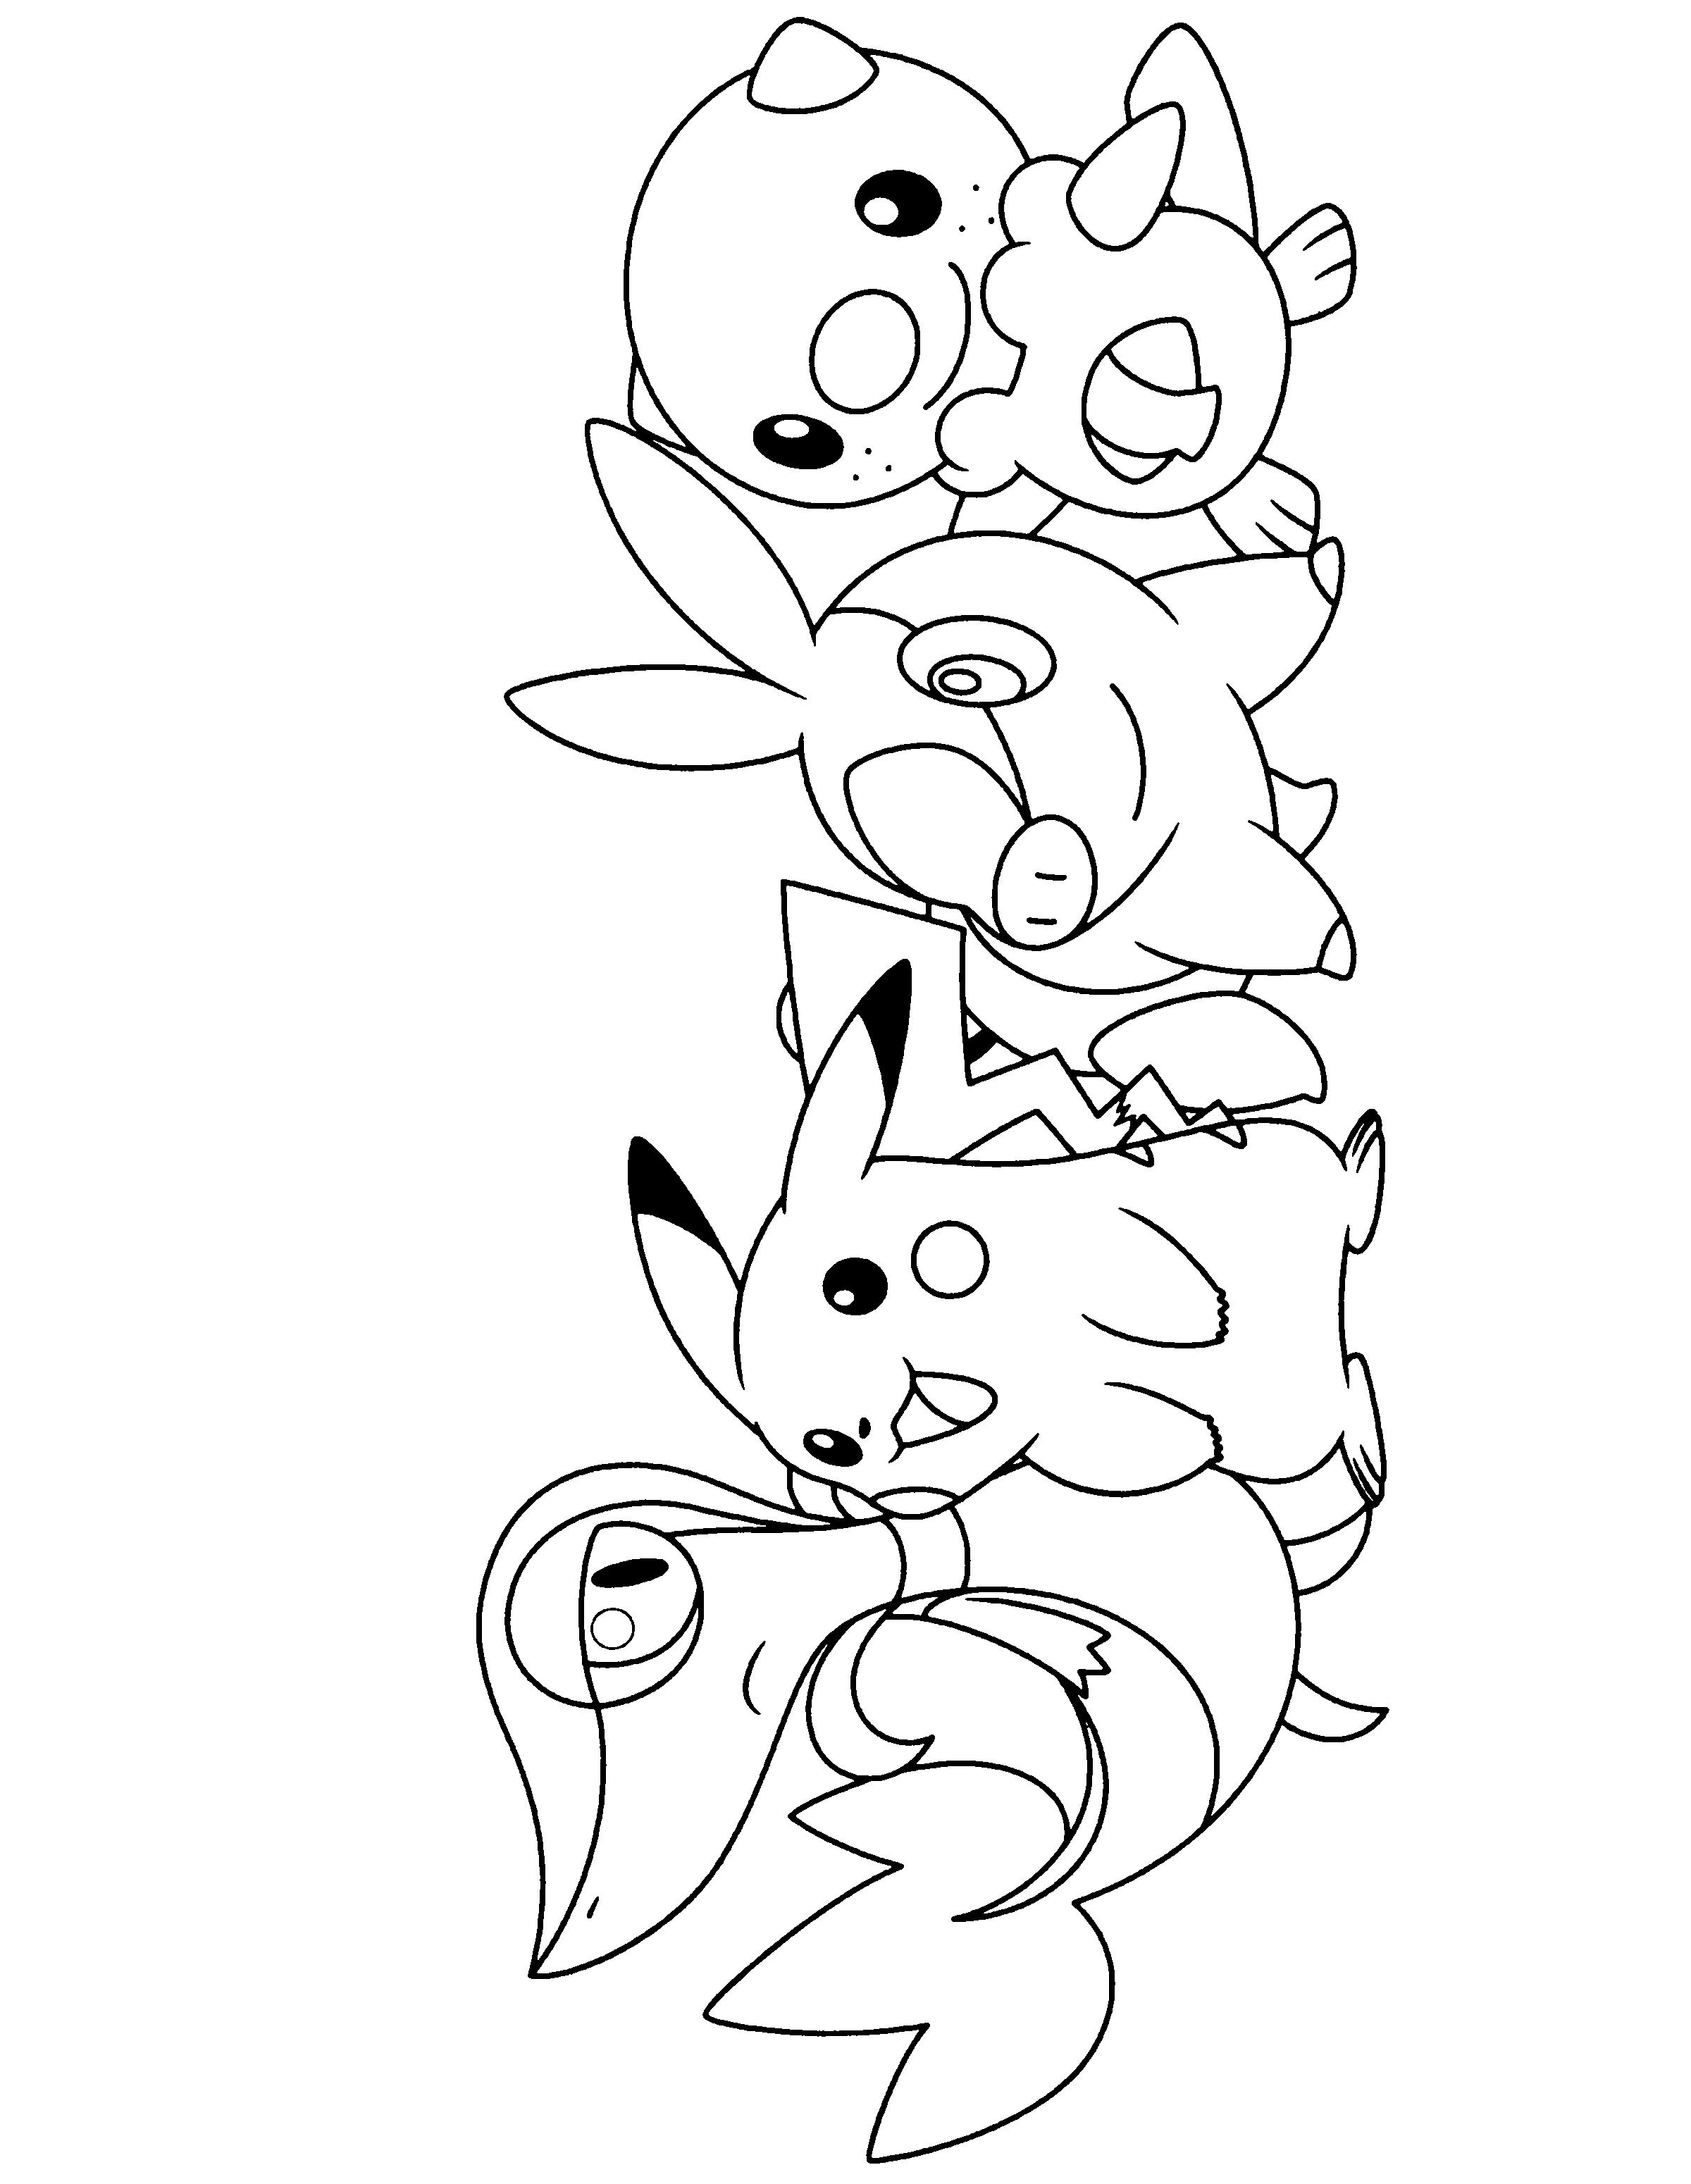 pokemon pictures of pokemon black and white pokemon black and white printable coloring pages gtgt disney pokemon and black pictures pokemon of white